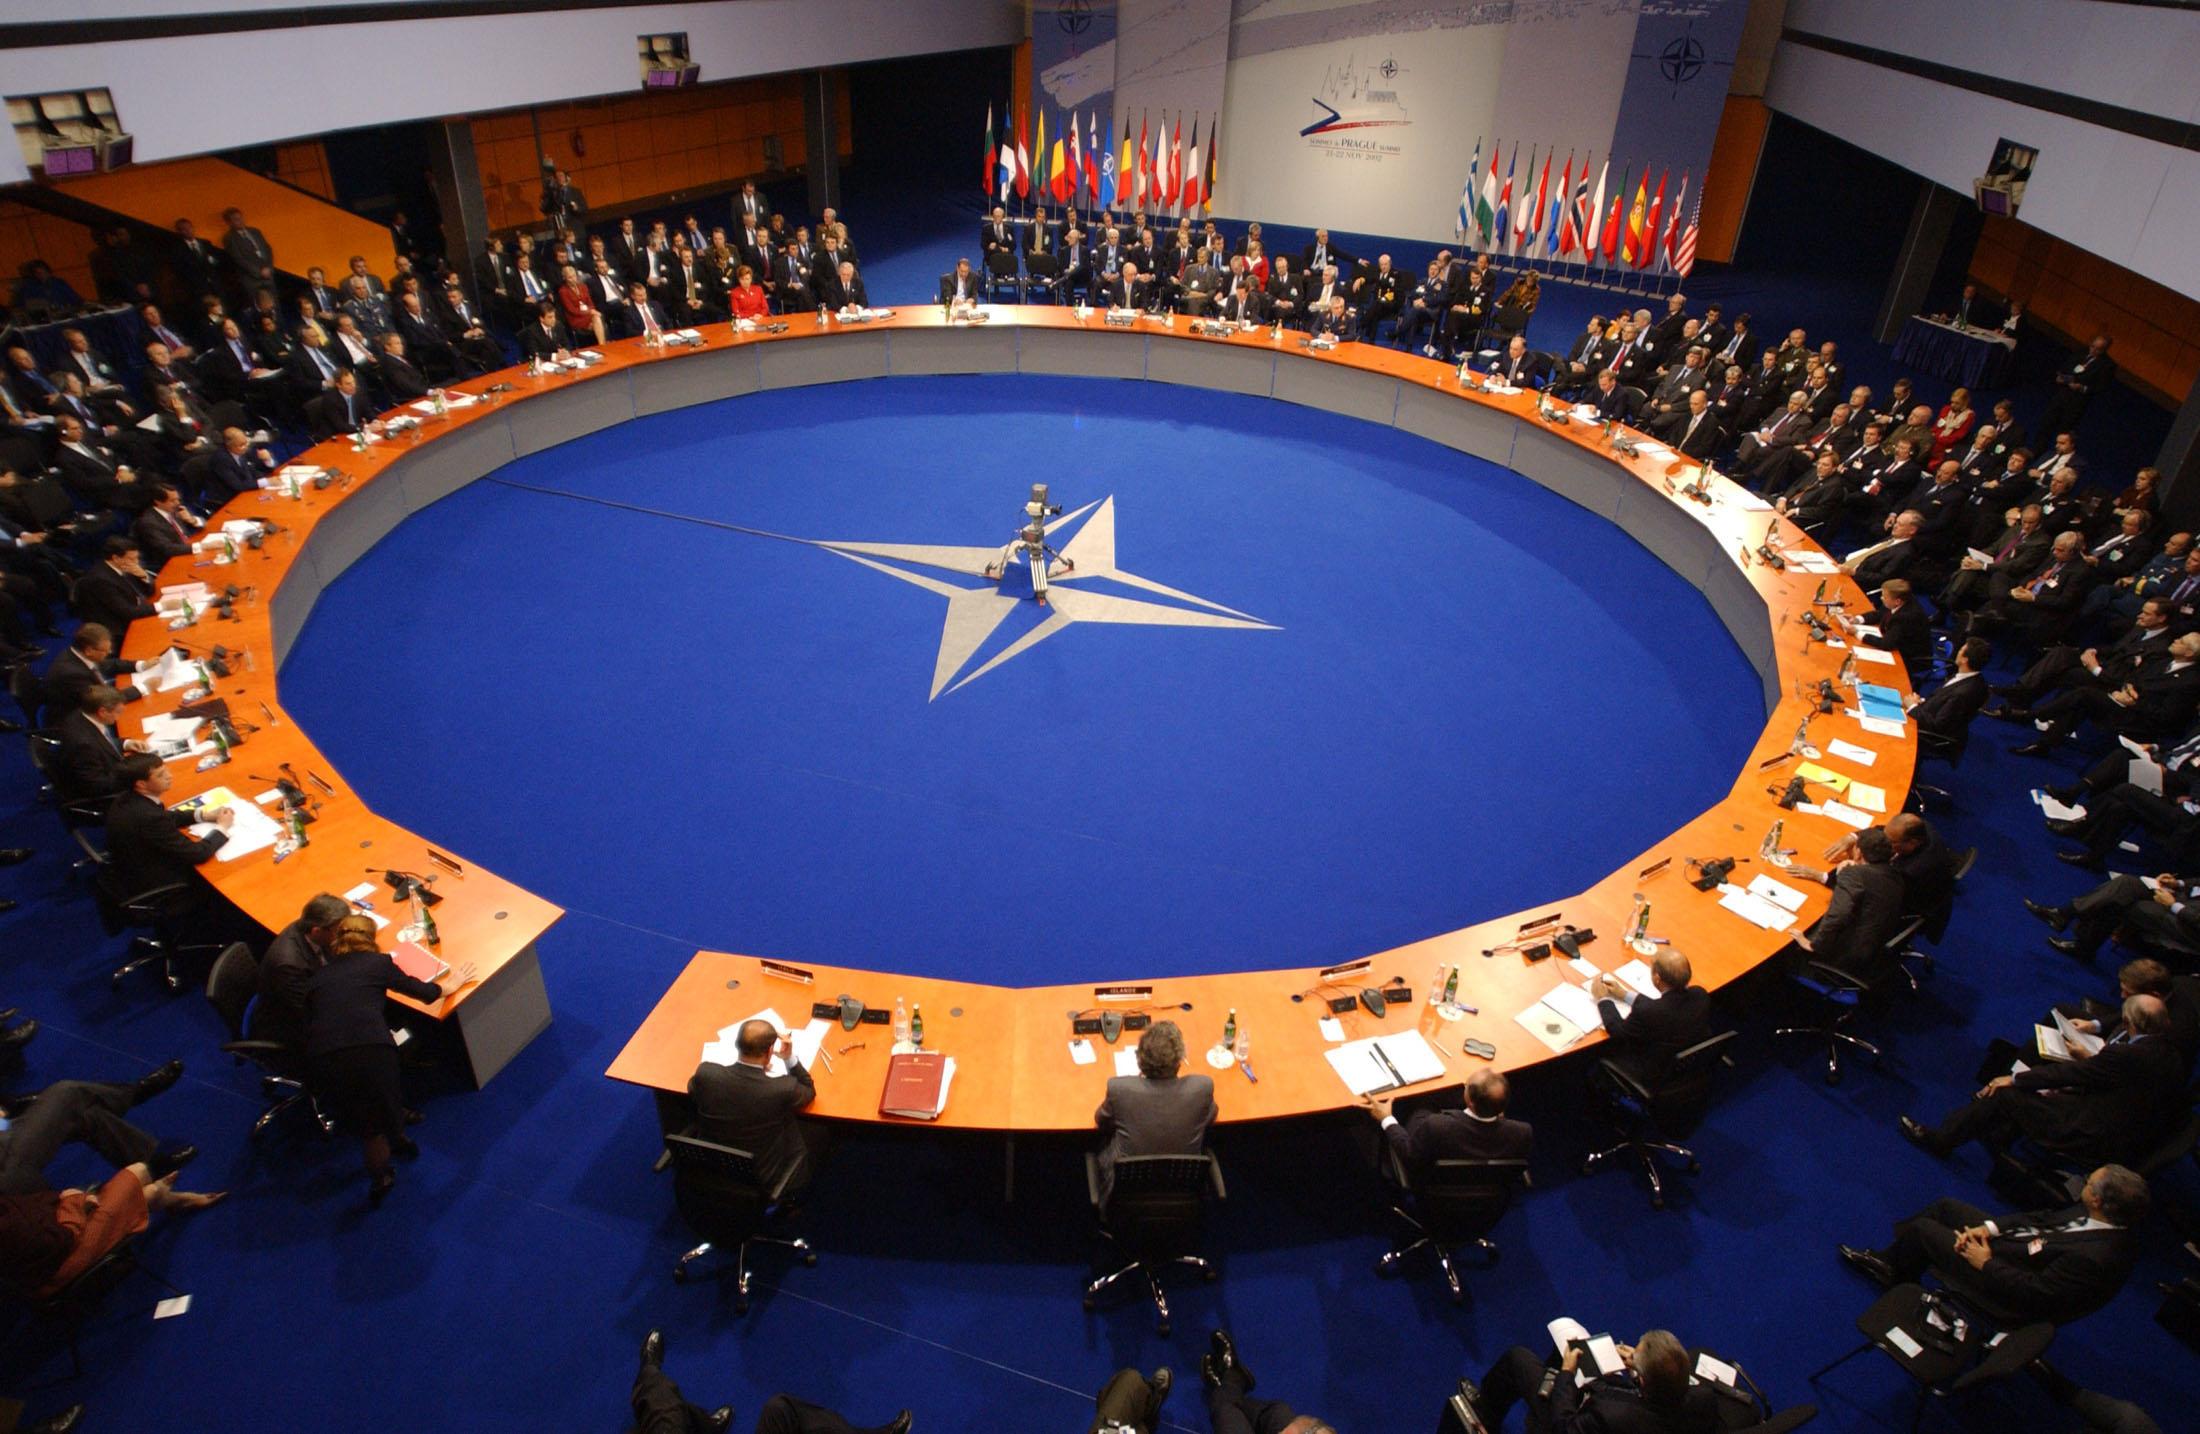 Список стран которые входят в НАТО в 2019 году? Какие страны присоединились к НАТО в 2019?